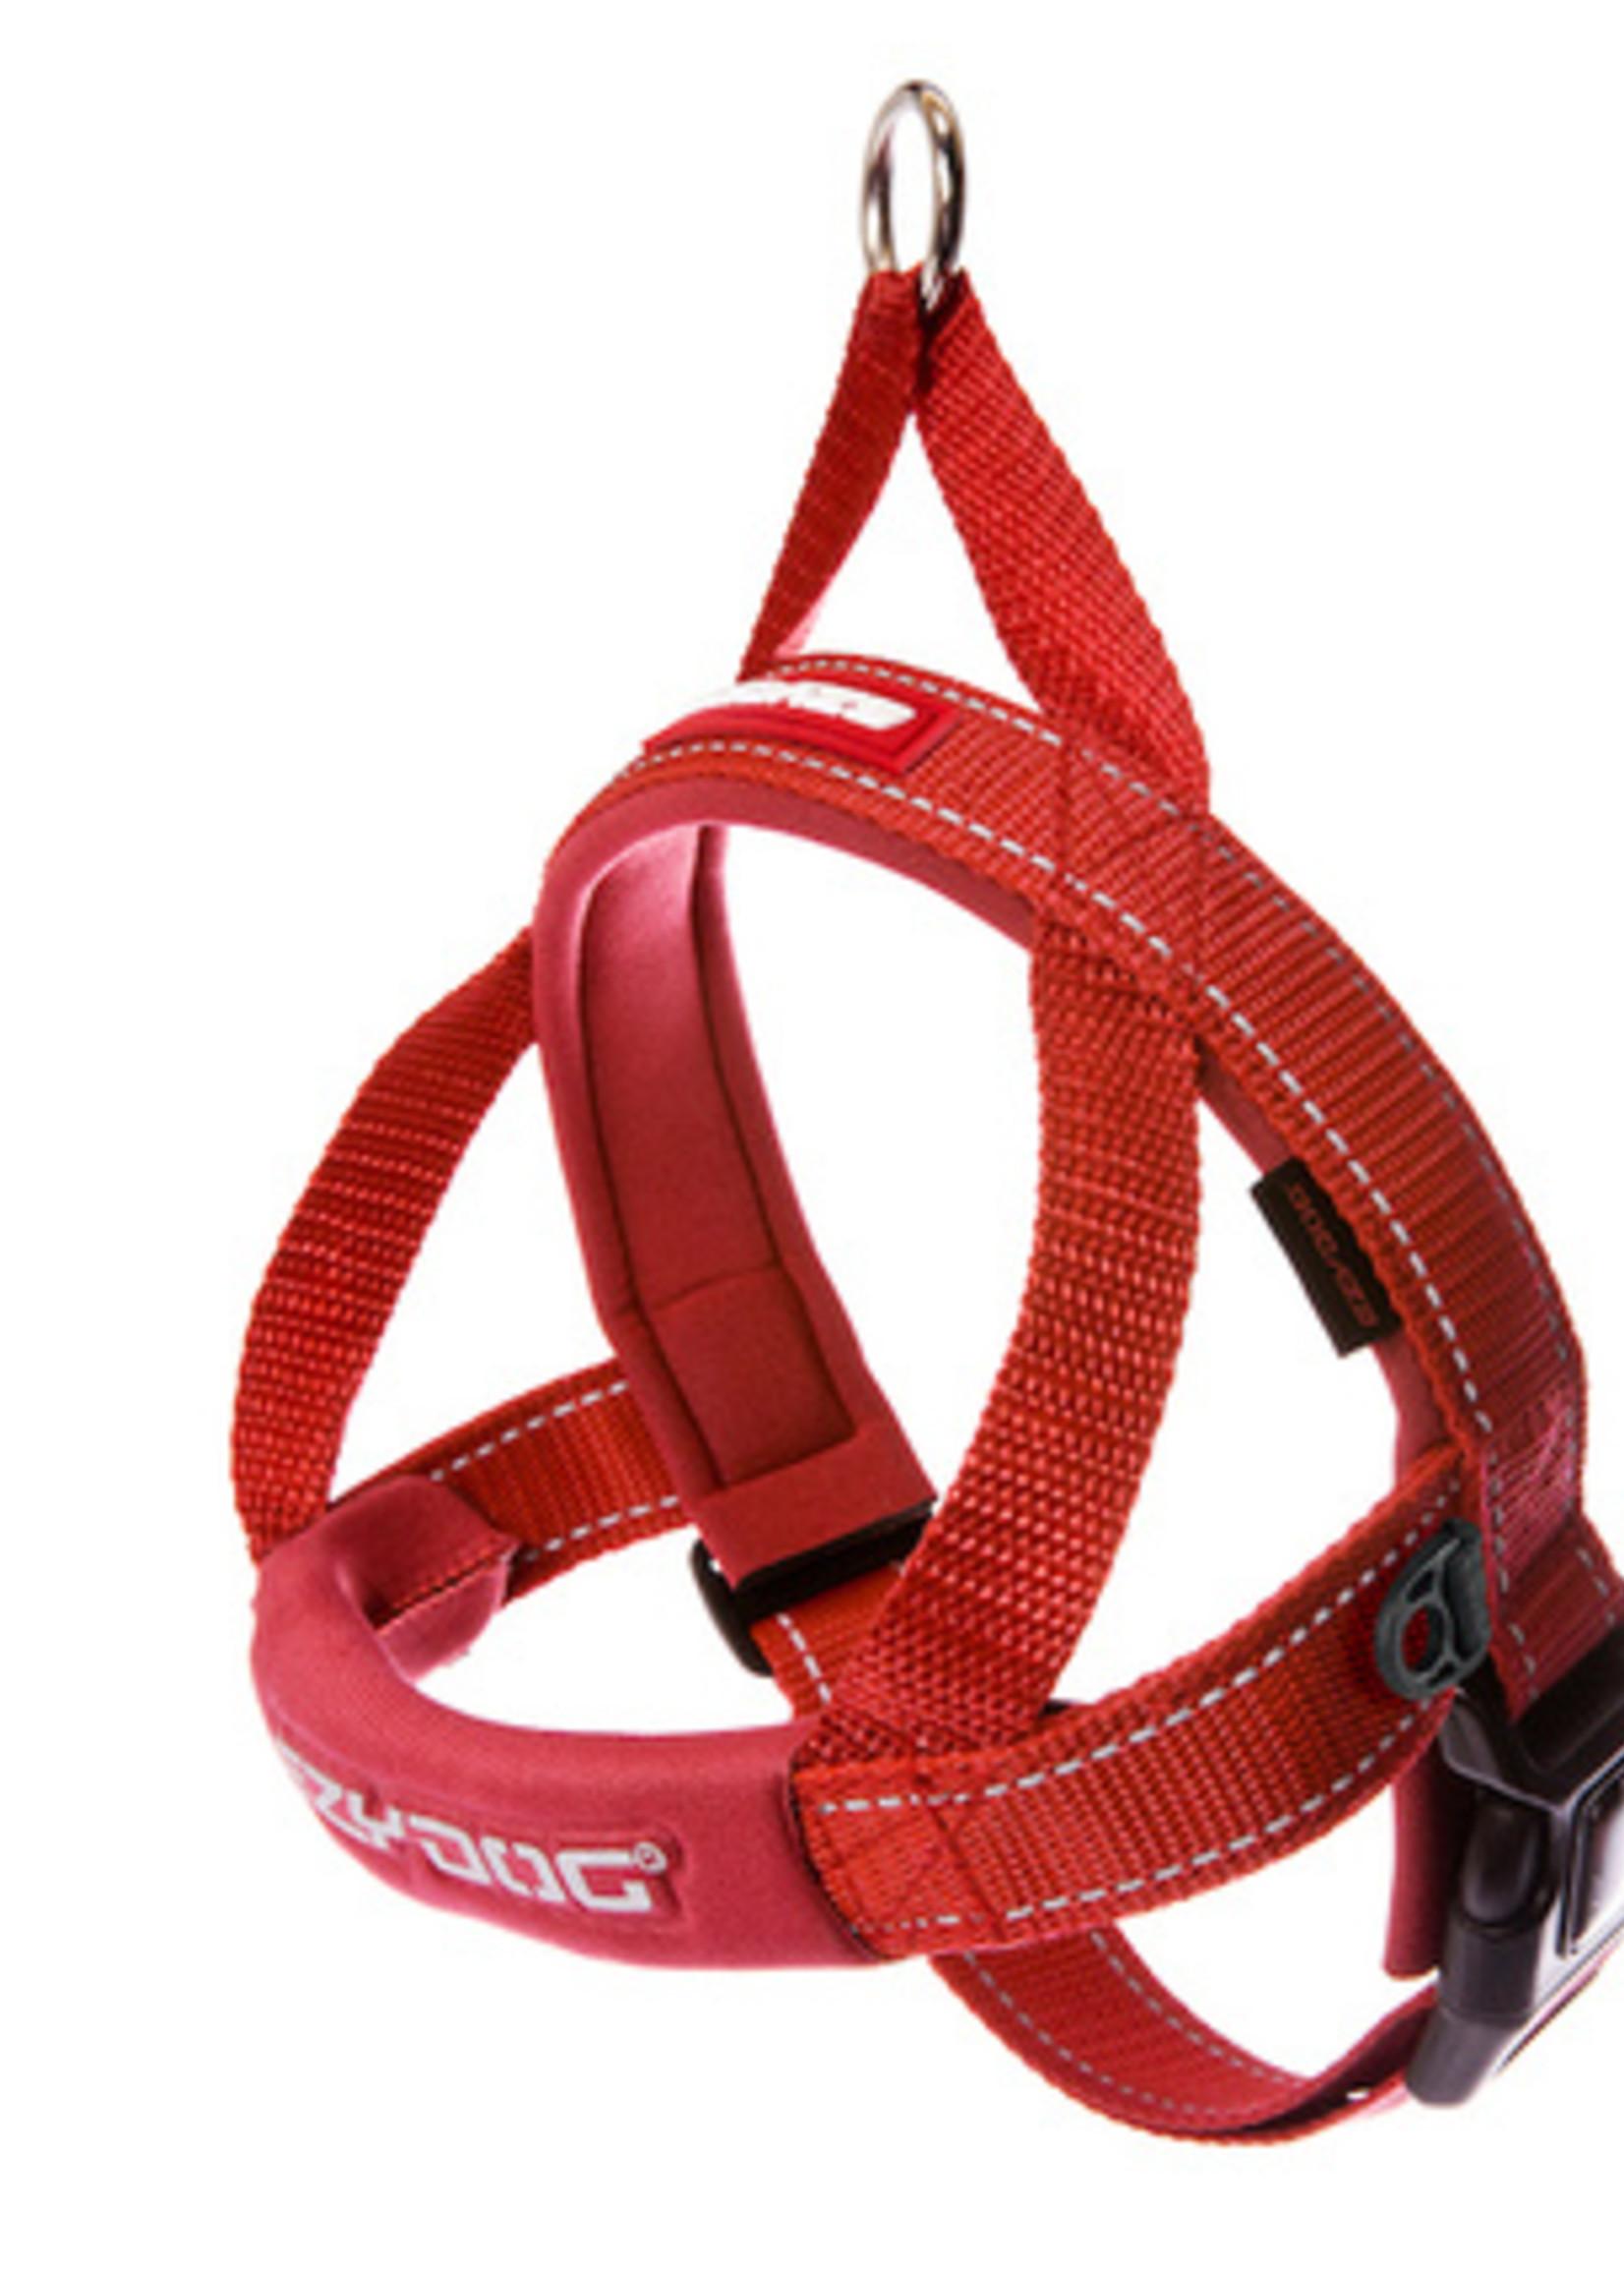 EzyDog EzyDog Quick Fit Harness Red S